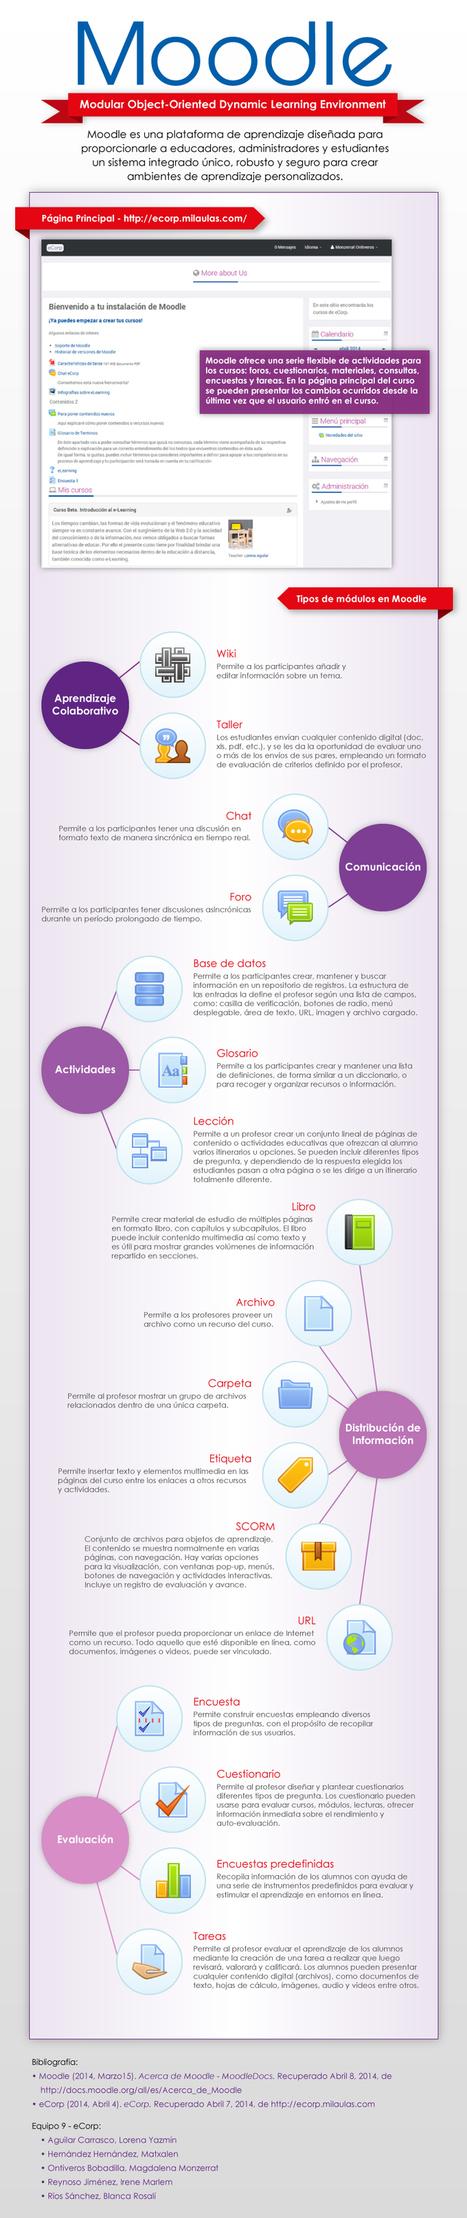 Moodle: qué es y elementos que lo integran #infografia #infographic #education | LOS MEJORES HALLAZGOS DE DANIELA AYALA | Scoop.it